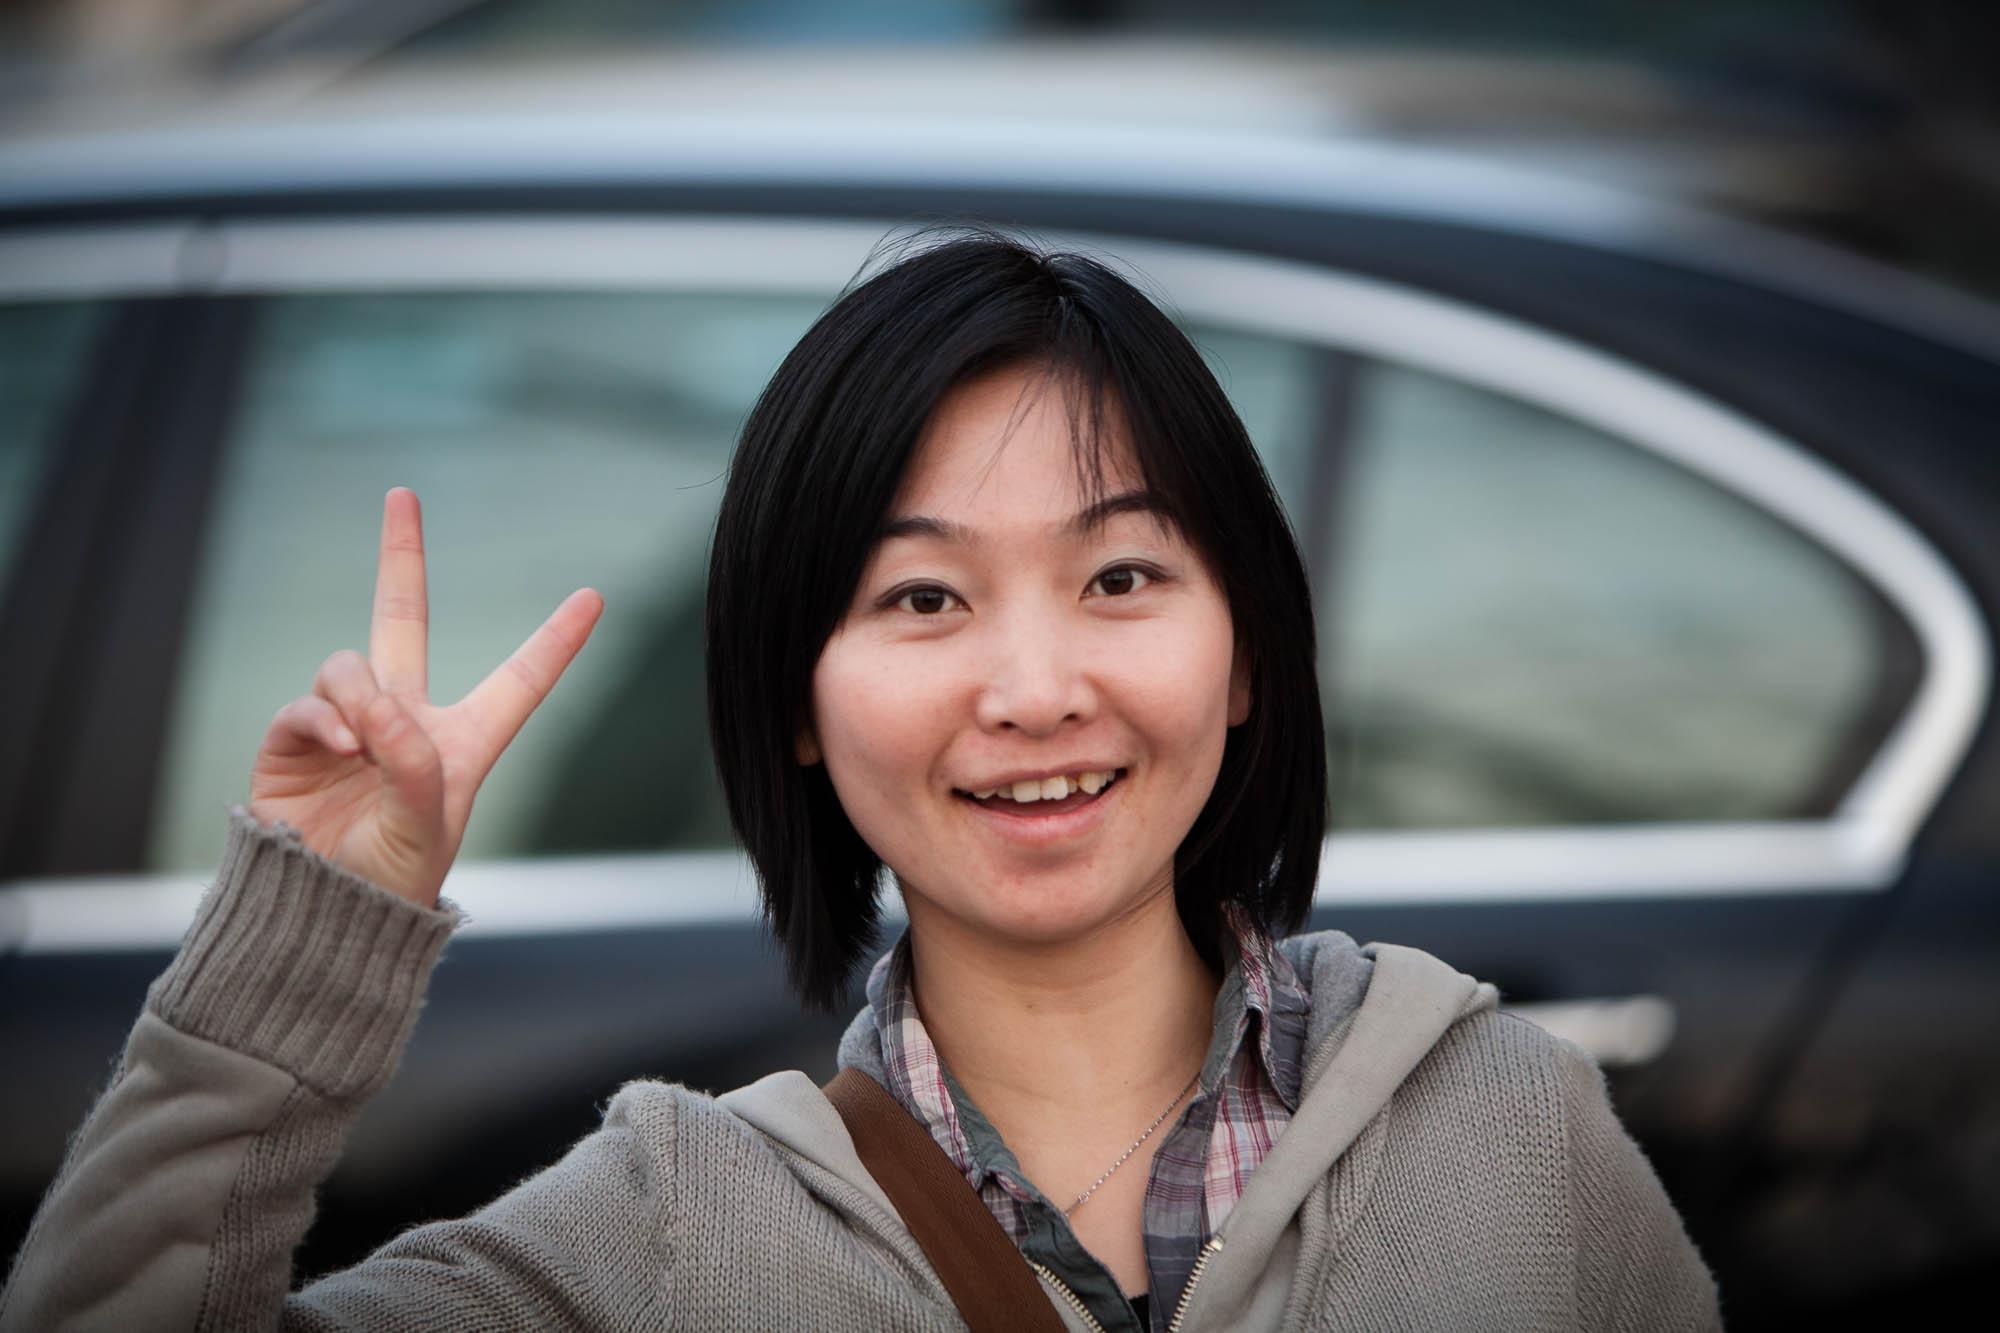 Yang Ling